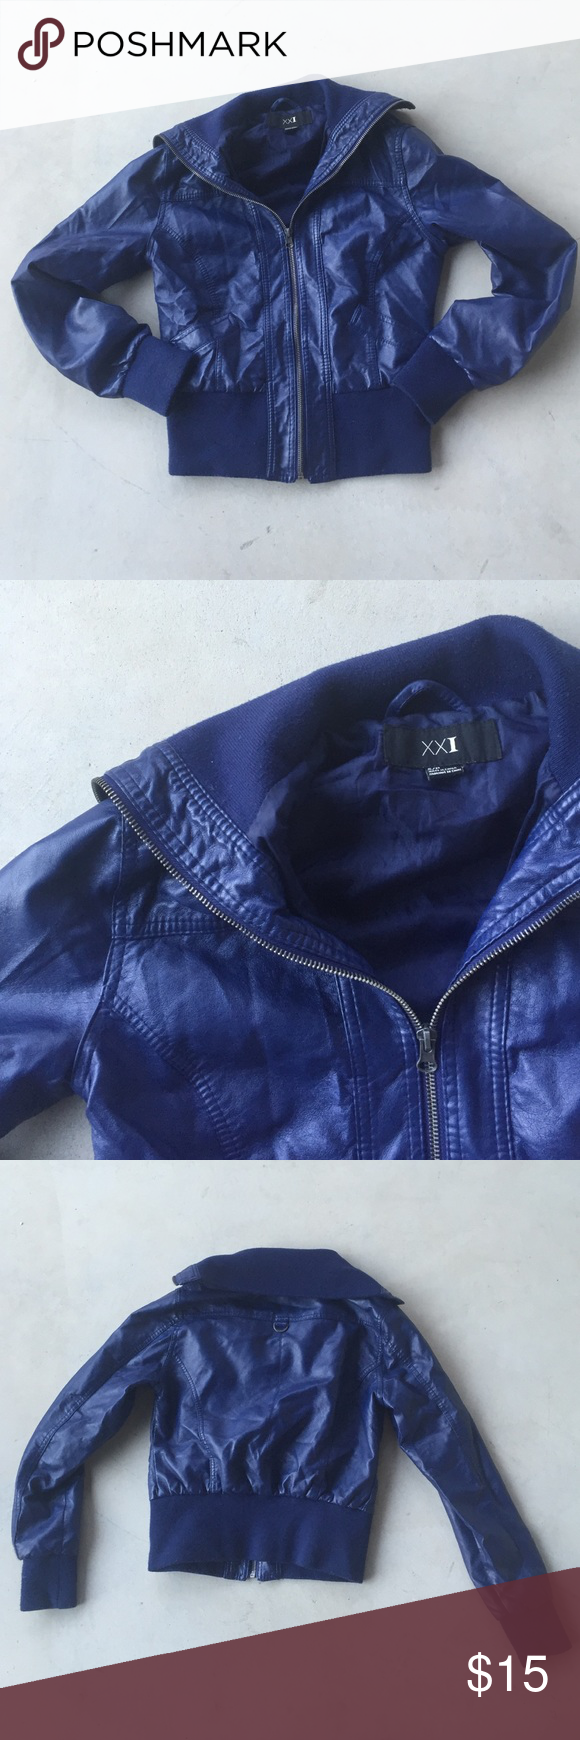 Forever 21 blue bomber jacket Awesome royal blue bomber jacket from forever 21. No flaws Forever 21 Jackets & Coats